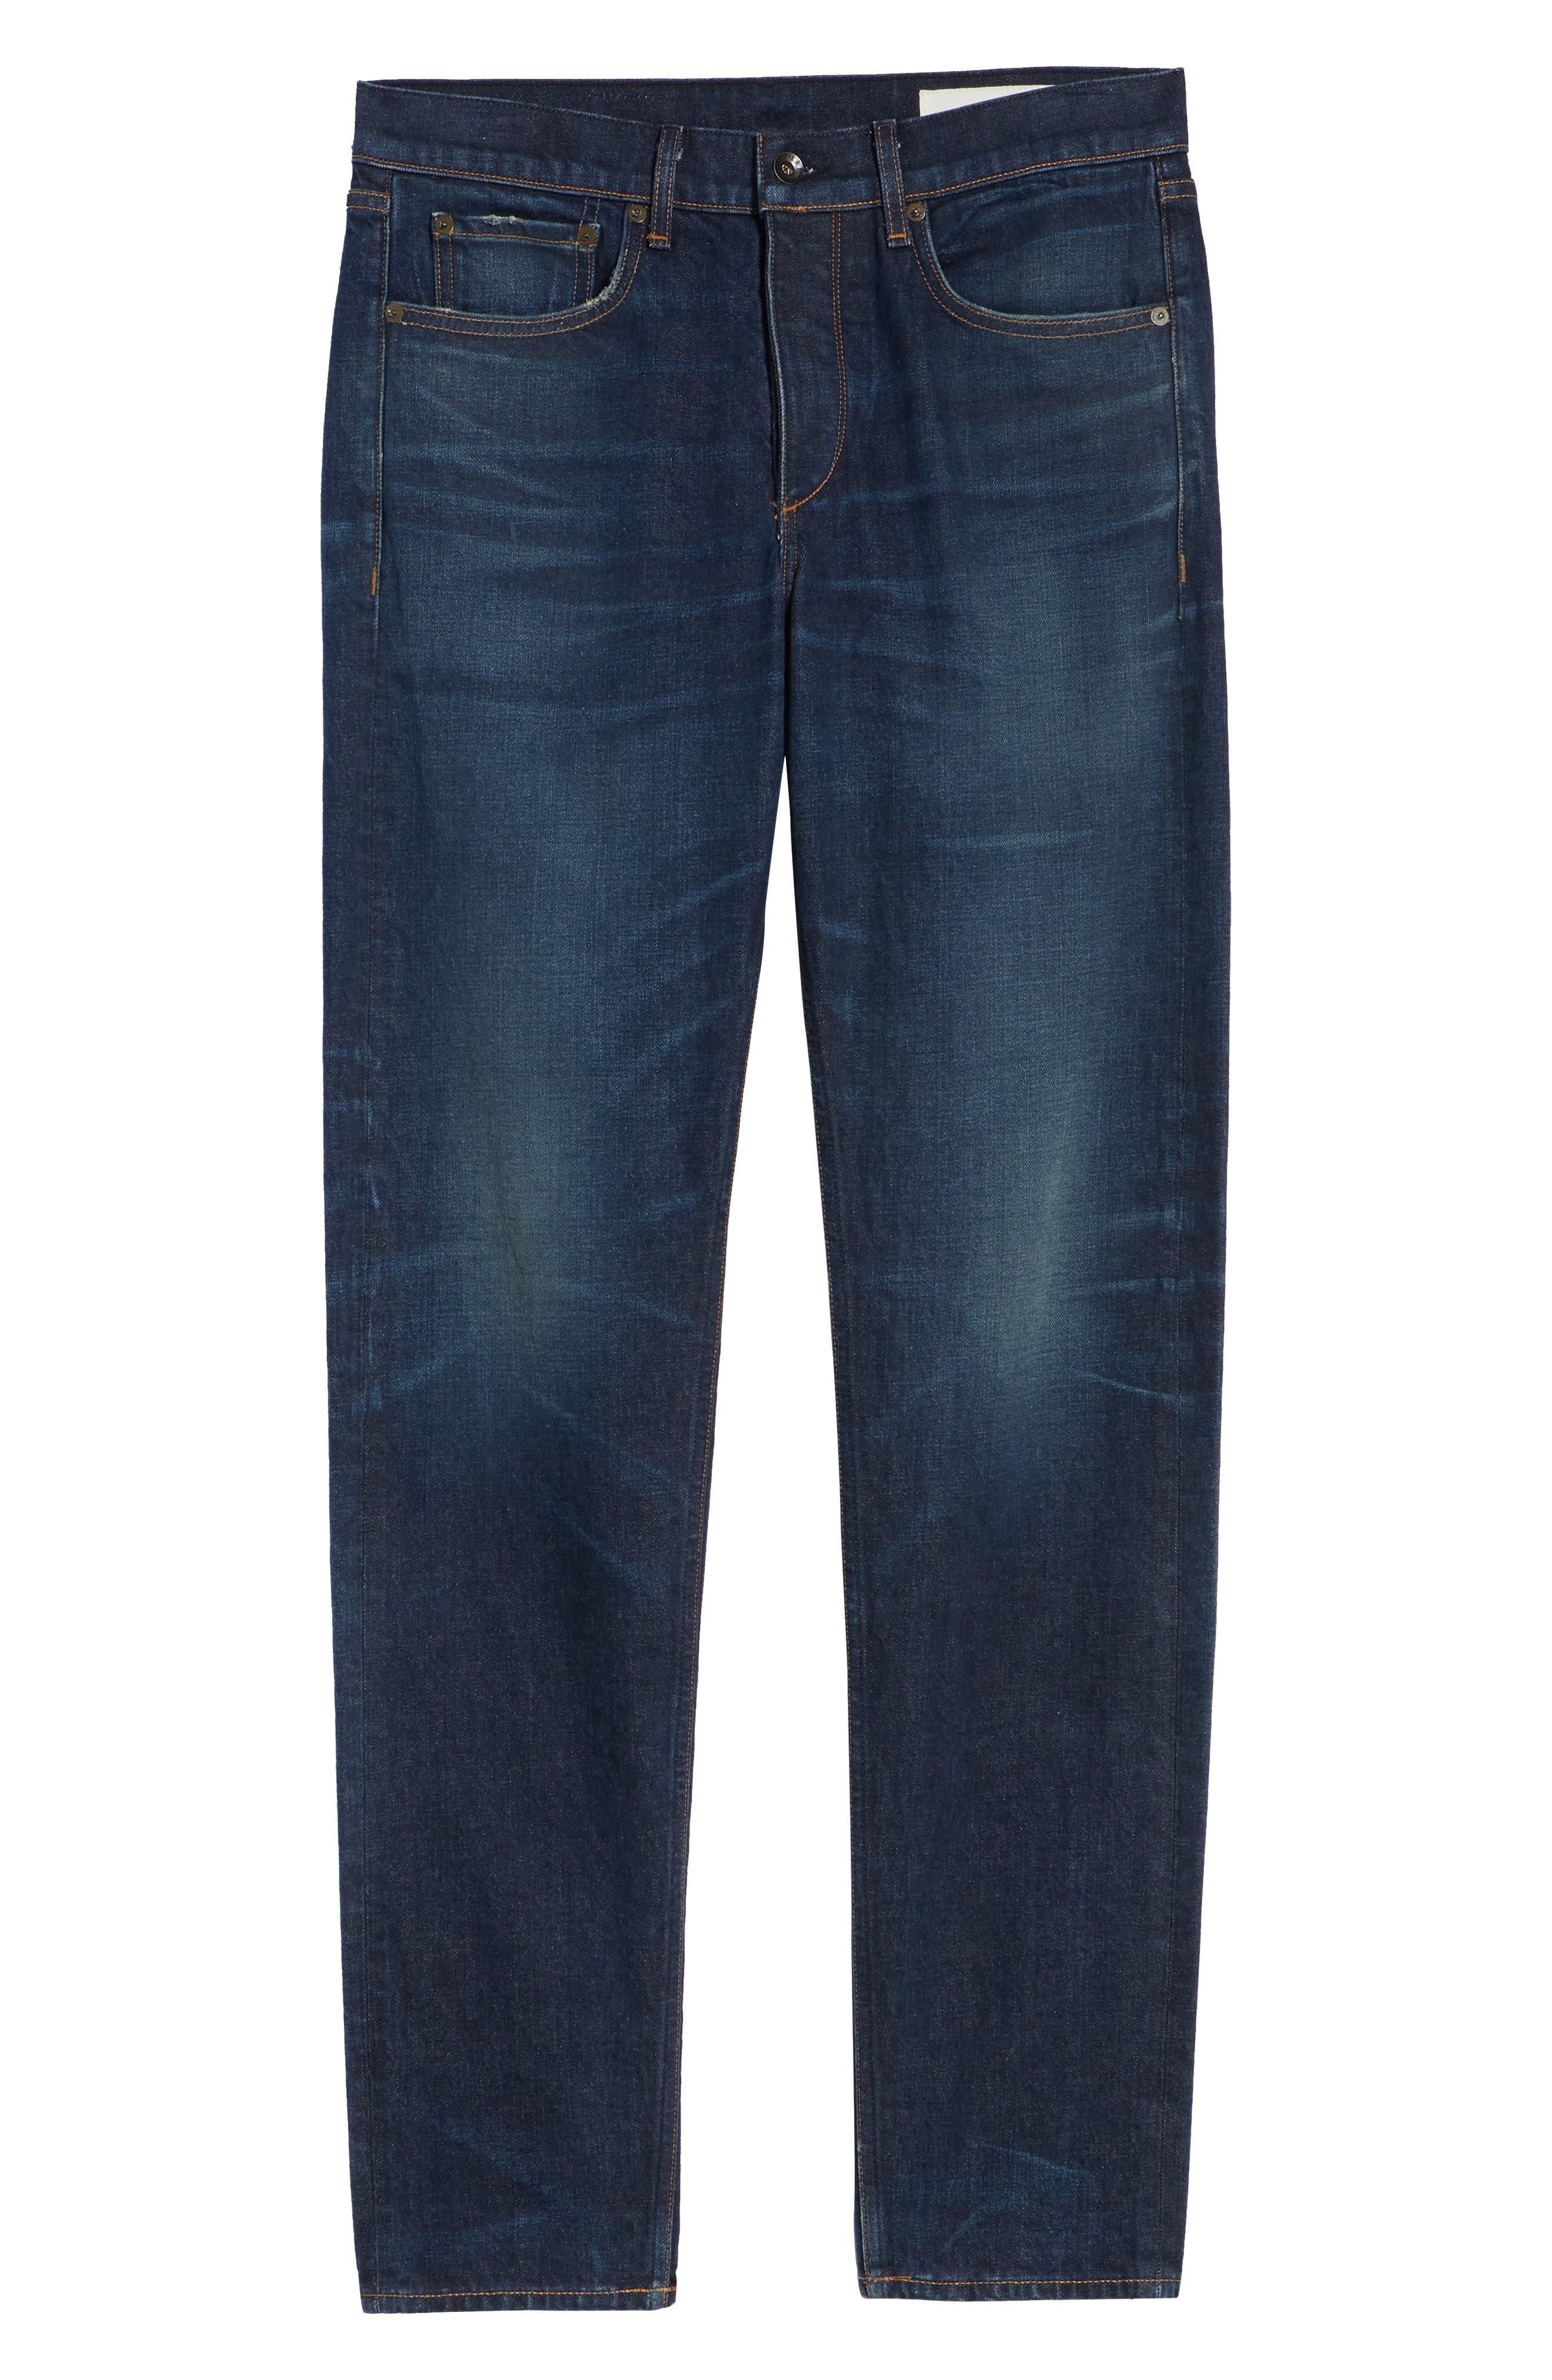 Fit 2 Slim Fit Jeans,                             Alternate thumbnail 6, color,                             WORN ACE